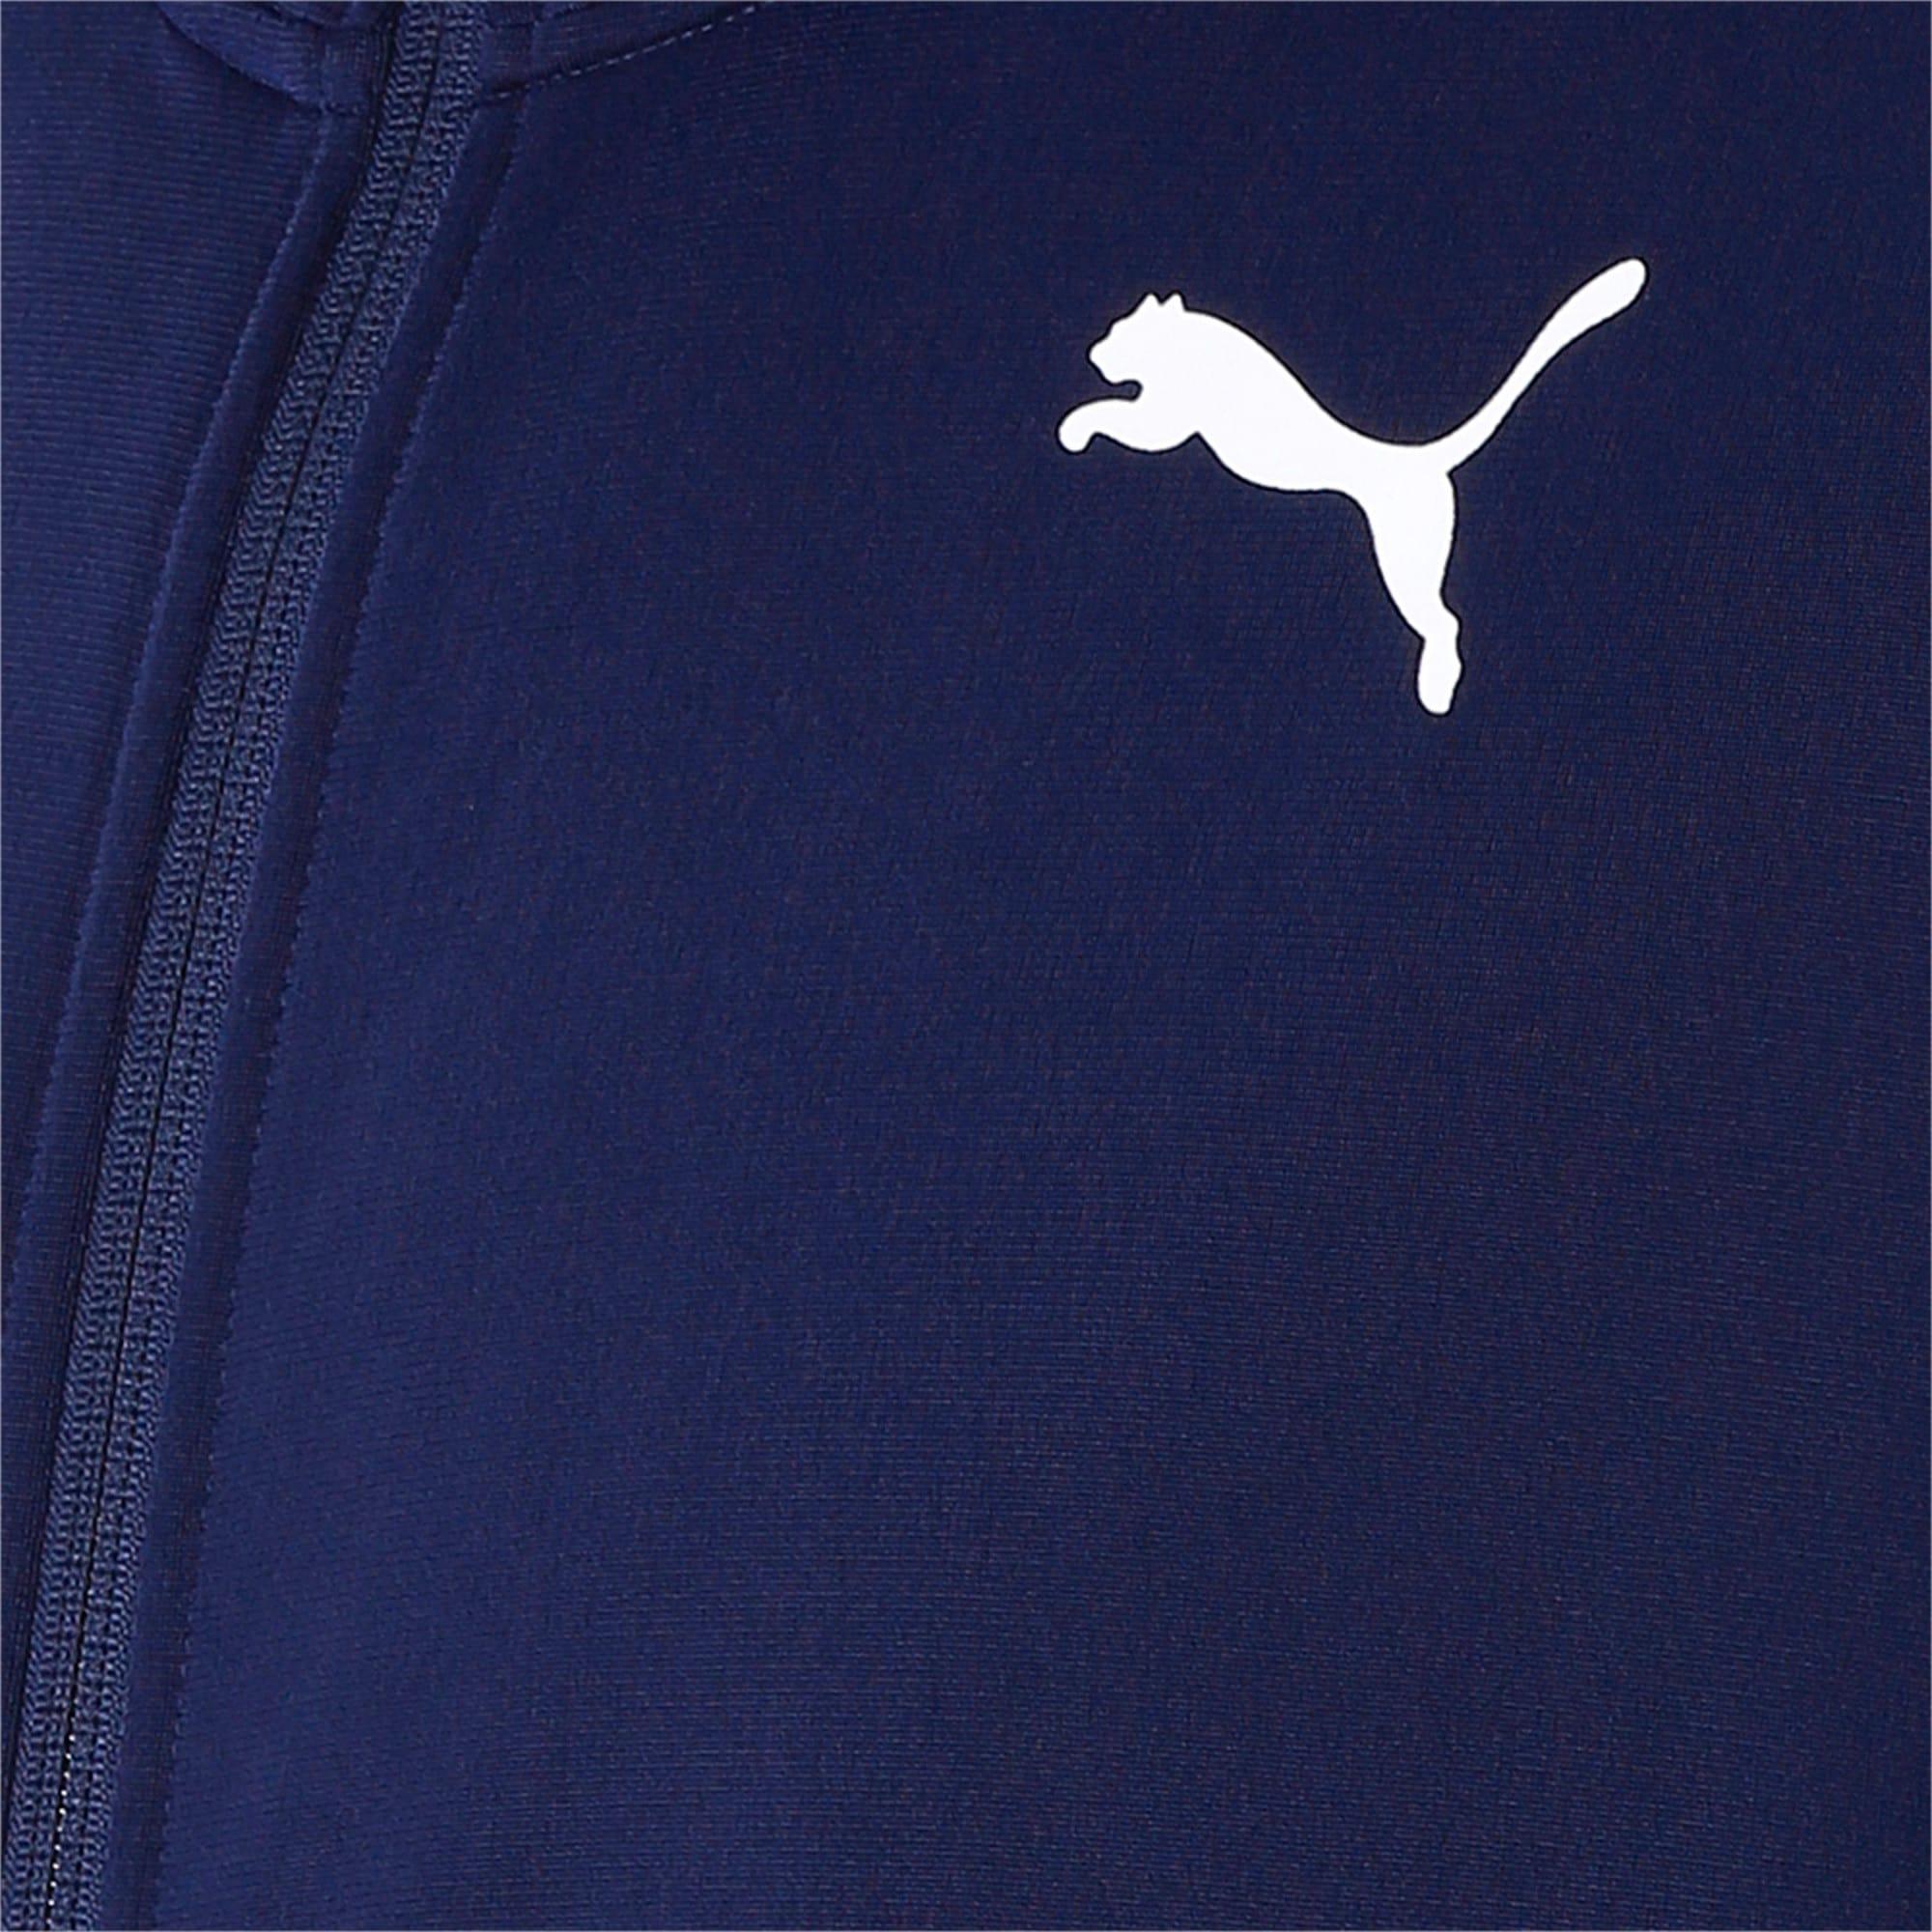 Thumbnail 6 of Classic Tricot Men's Track Suit, Peacoat-Puma White, medium-IND